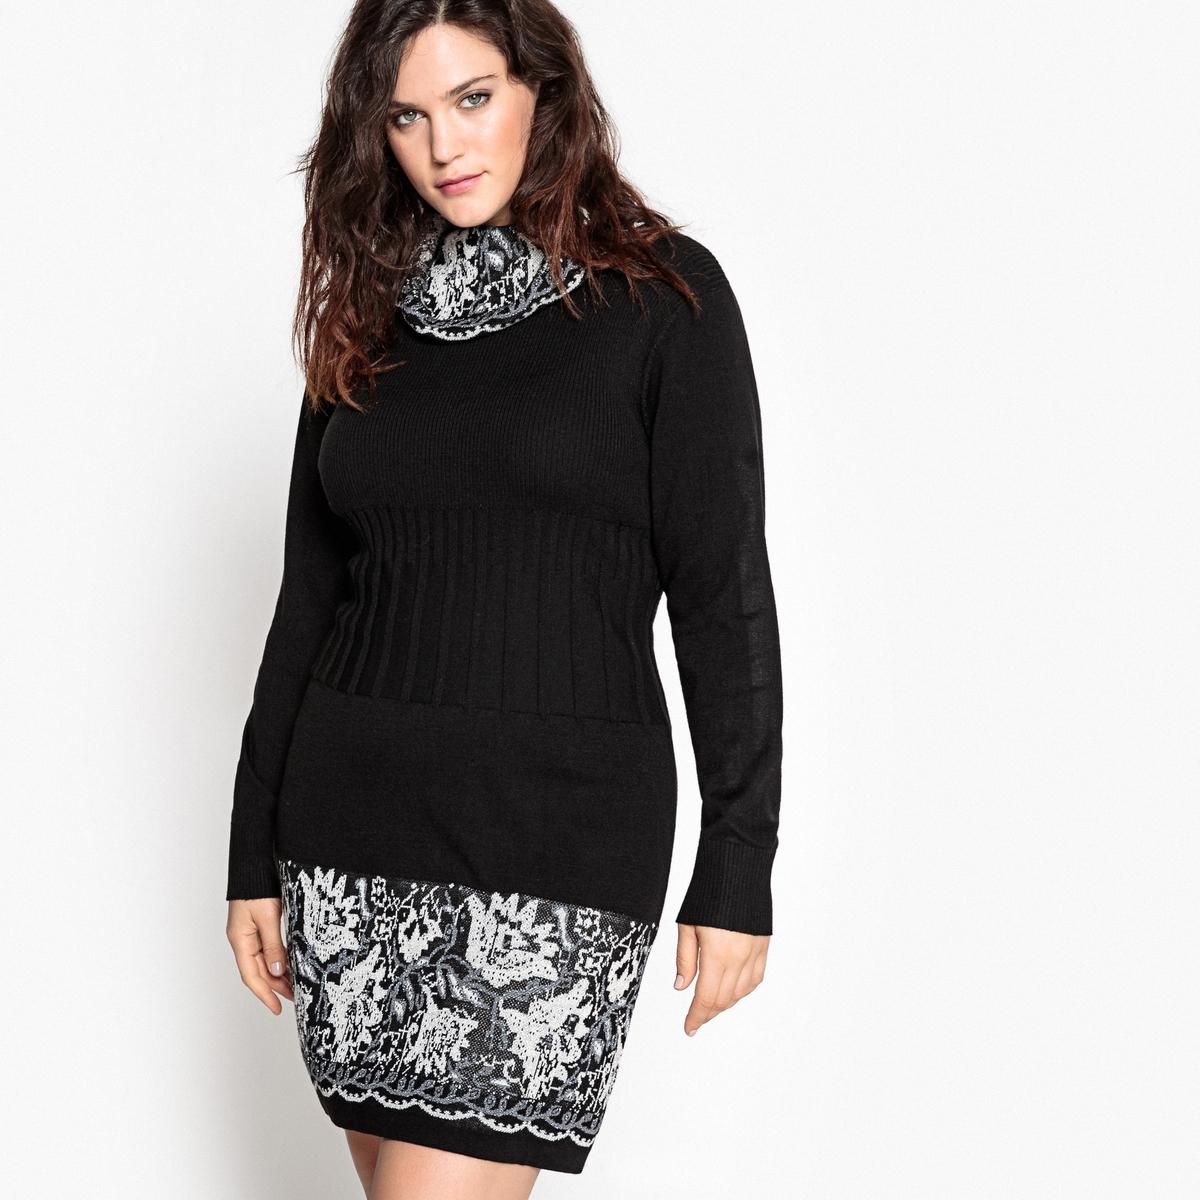 Платье-пуловер средней длины, однотонное, с длинными рукавамиОписание:Платье-пуловер снова в моде. Платье-пуловер с оригинальными воротником-хомутом и низом из жаккардового трикотажа. Незаменим в вашем гардеробе.Детали •  Форма : платье-пуловер •  Длина до колен •  Длинные рукава    •  Воротник с отворотомСостав и уход •  66% акрила, 6% хлопка, 2% металлизированных волокон, 26% полиэстера •  Температура стирки 30° на деликатном режиме   •  Сухая чистка и отбеливание запрещены    •  Не использовать барабанную сушку •  Низкая температура глажки Товар из коллекции больших размеров<br><br>Цвет: черный